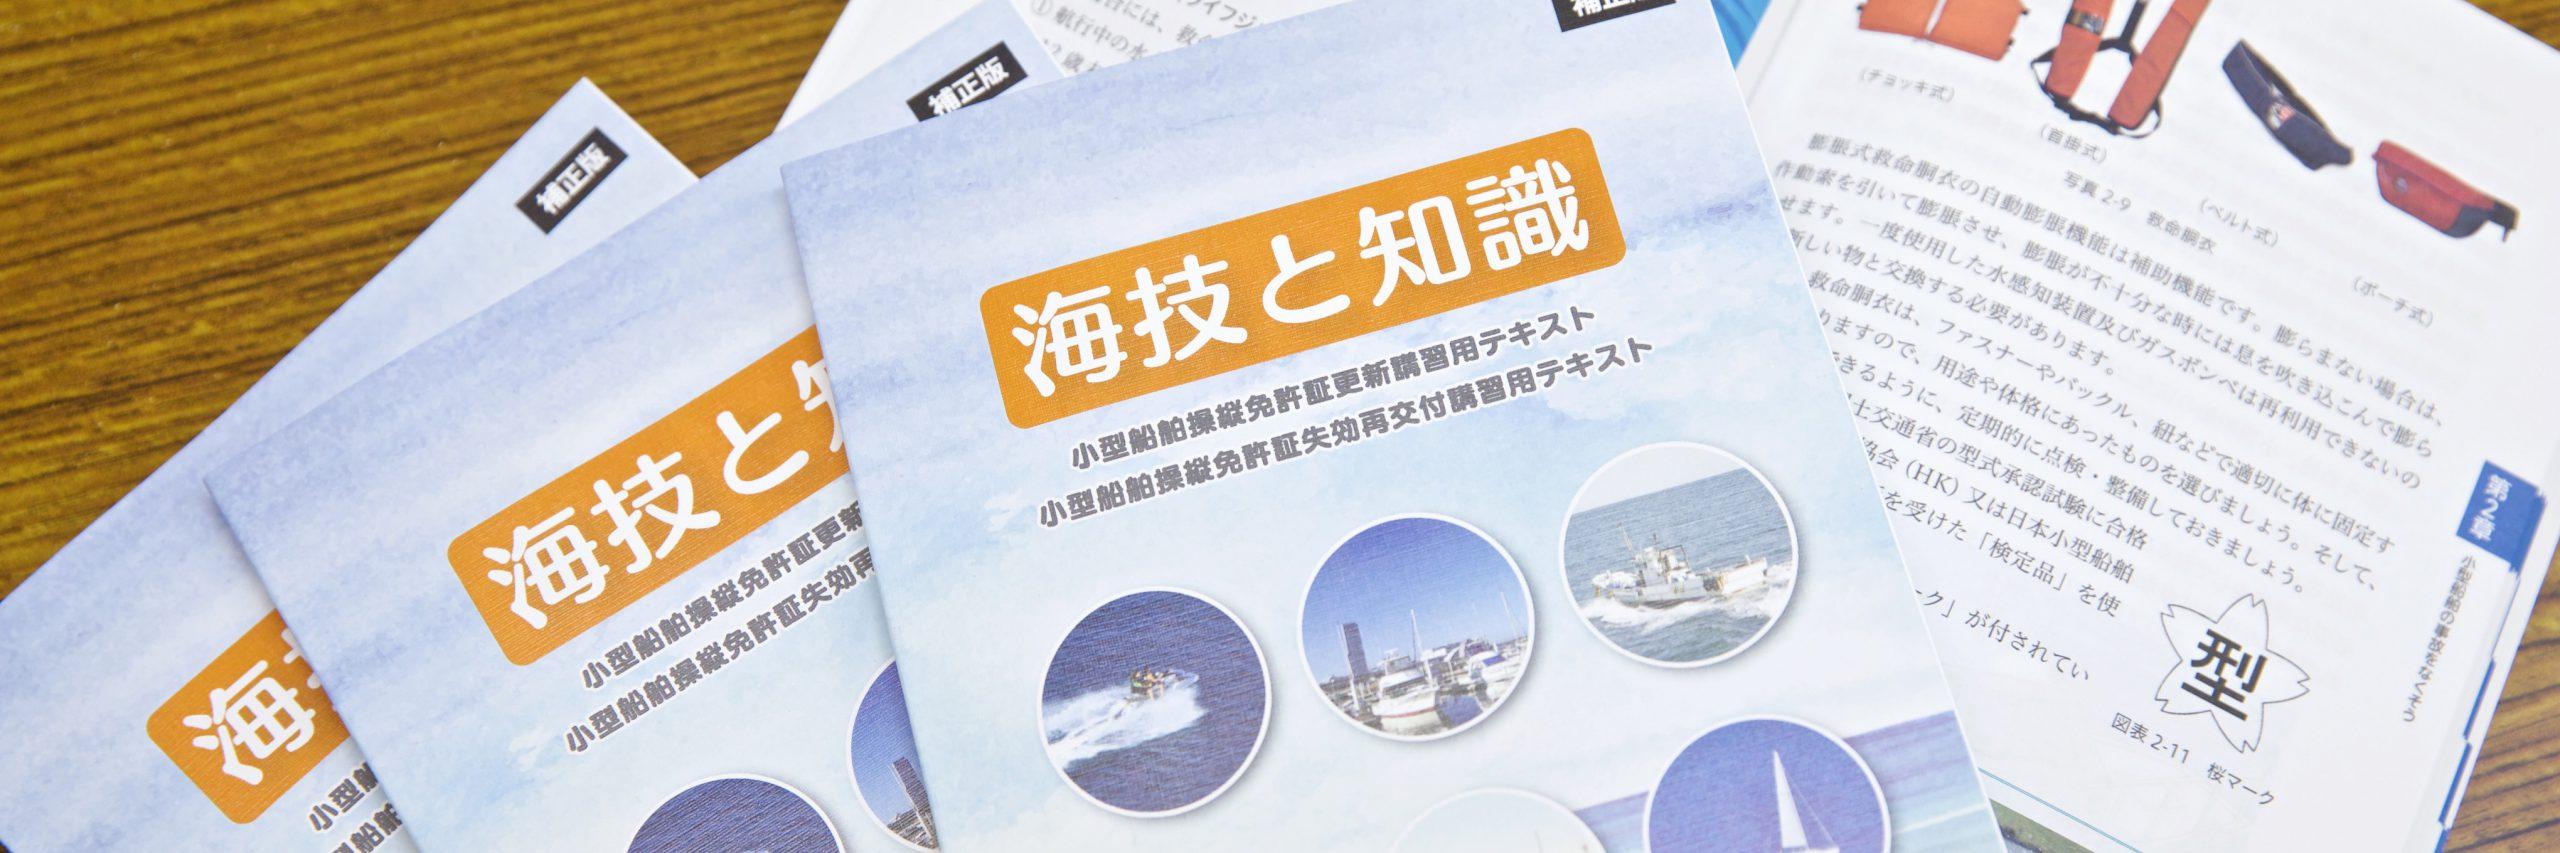 小型船舶免許の種類とできること